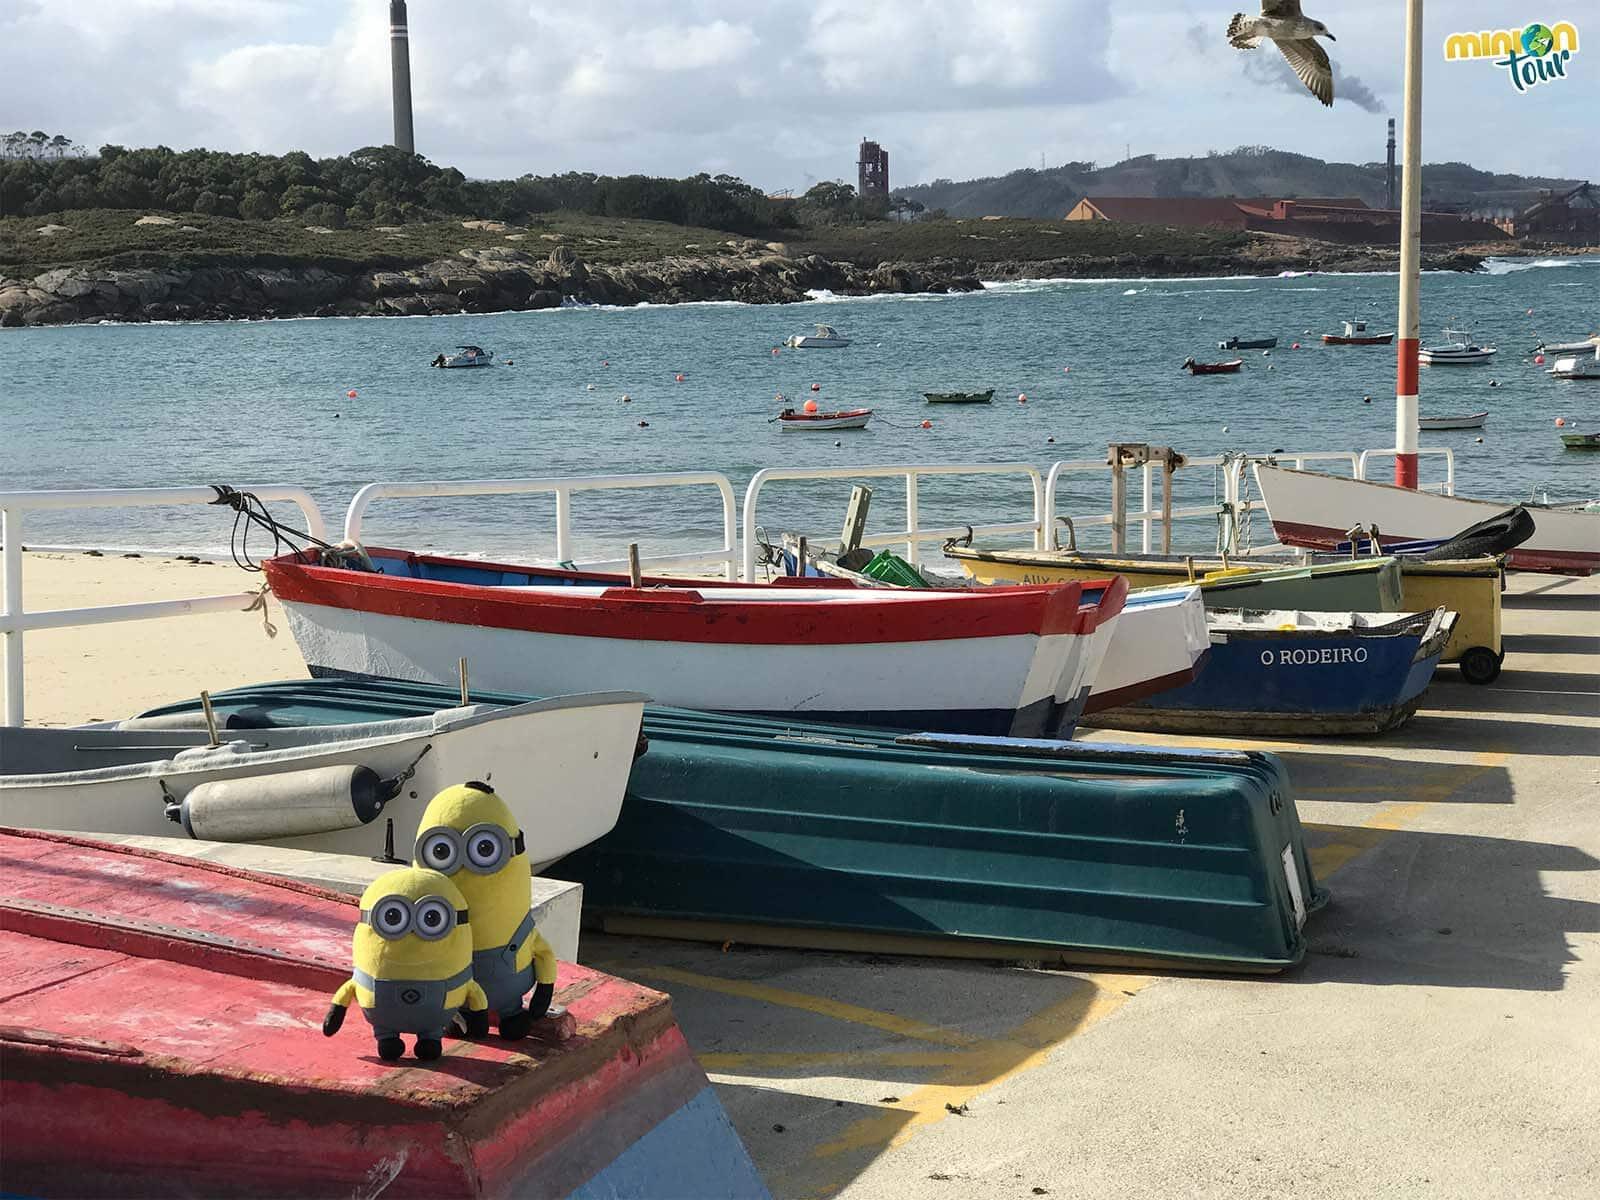 Posando con los barquitos del Puerto de San Cibrao